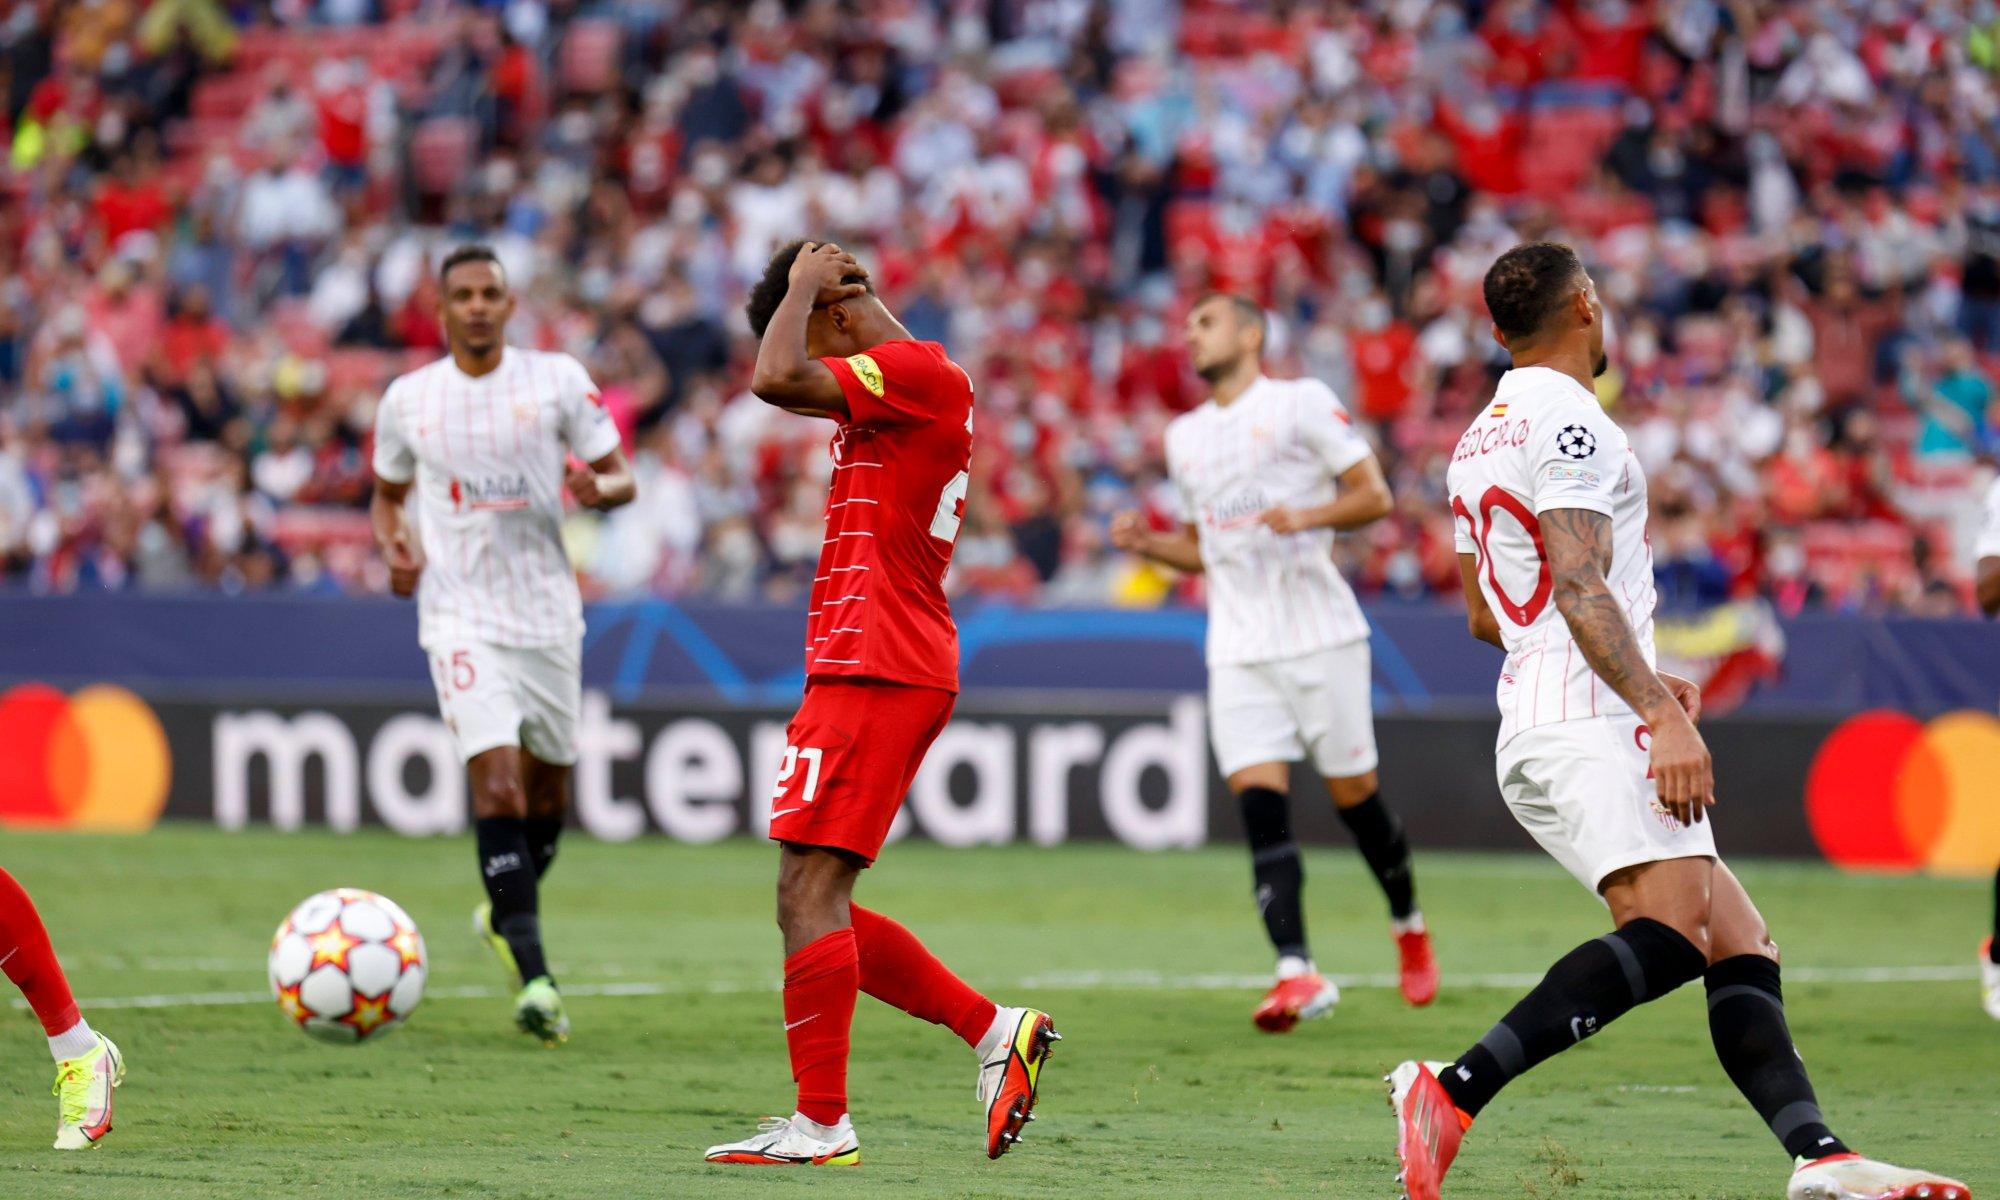 Patru penalty-uri dictate în prima repriză. Doar două au fost transformate. Sursă foto: twitter.com